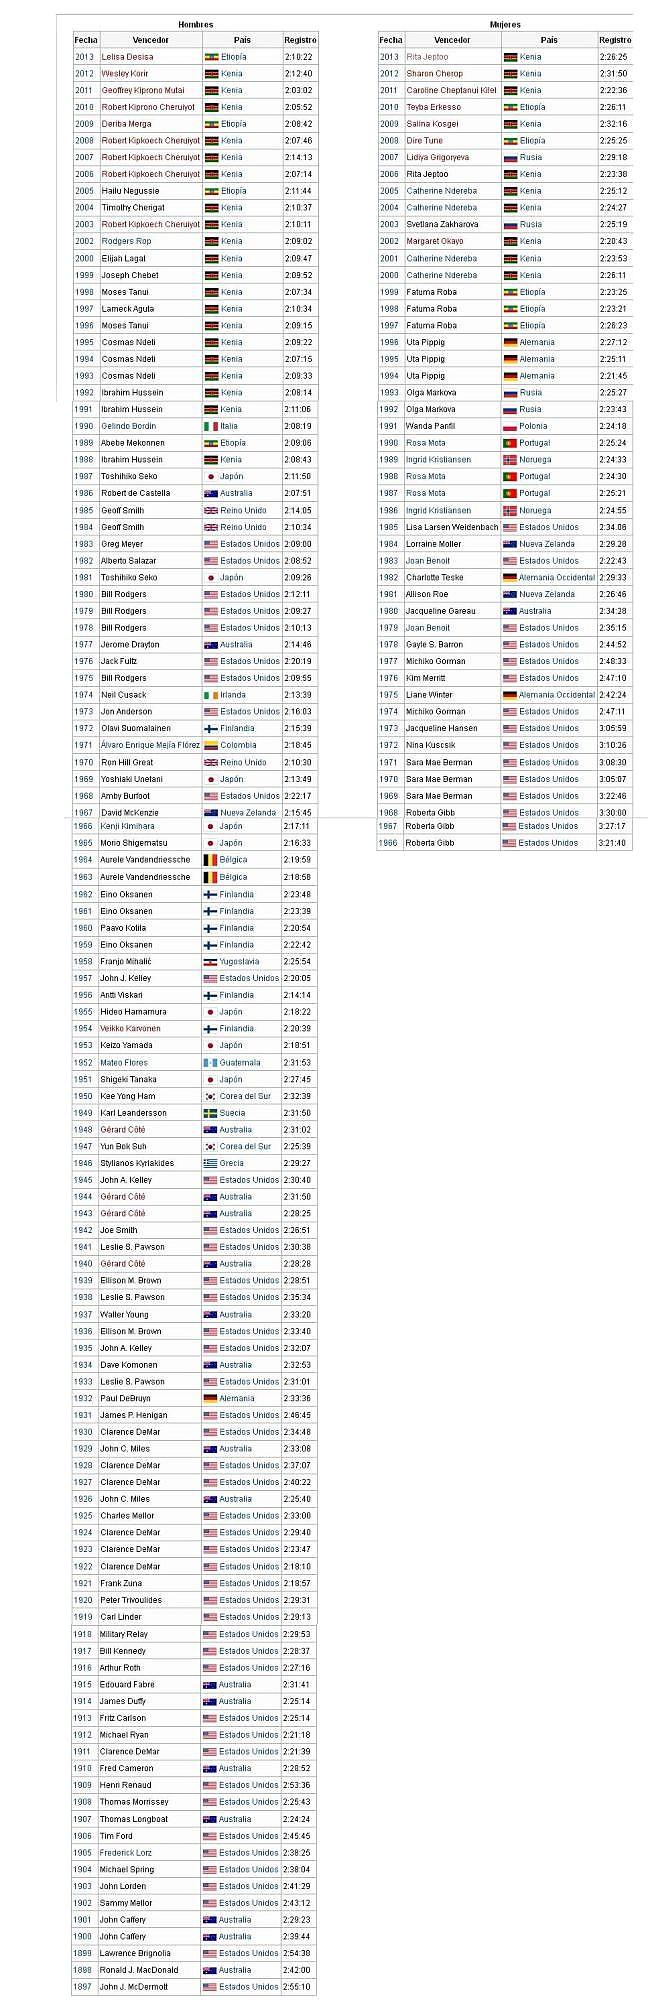 Ganadores -al 2013- en la historia del Maratón de Boston -u-.